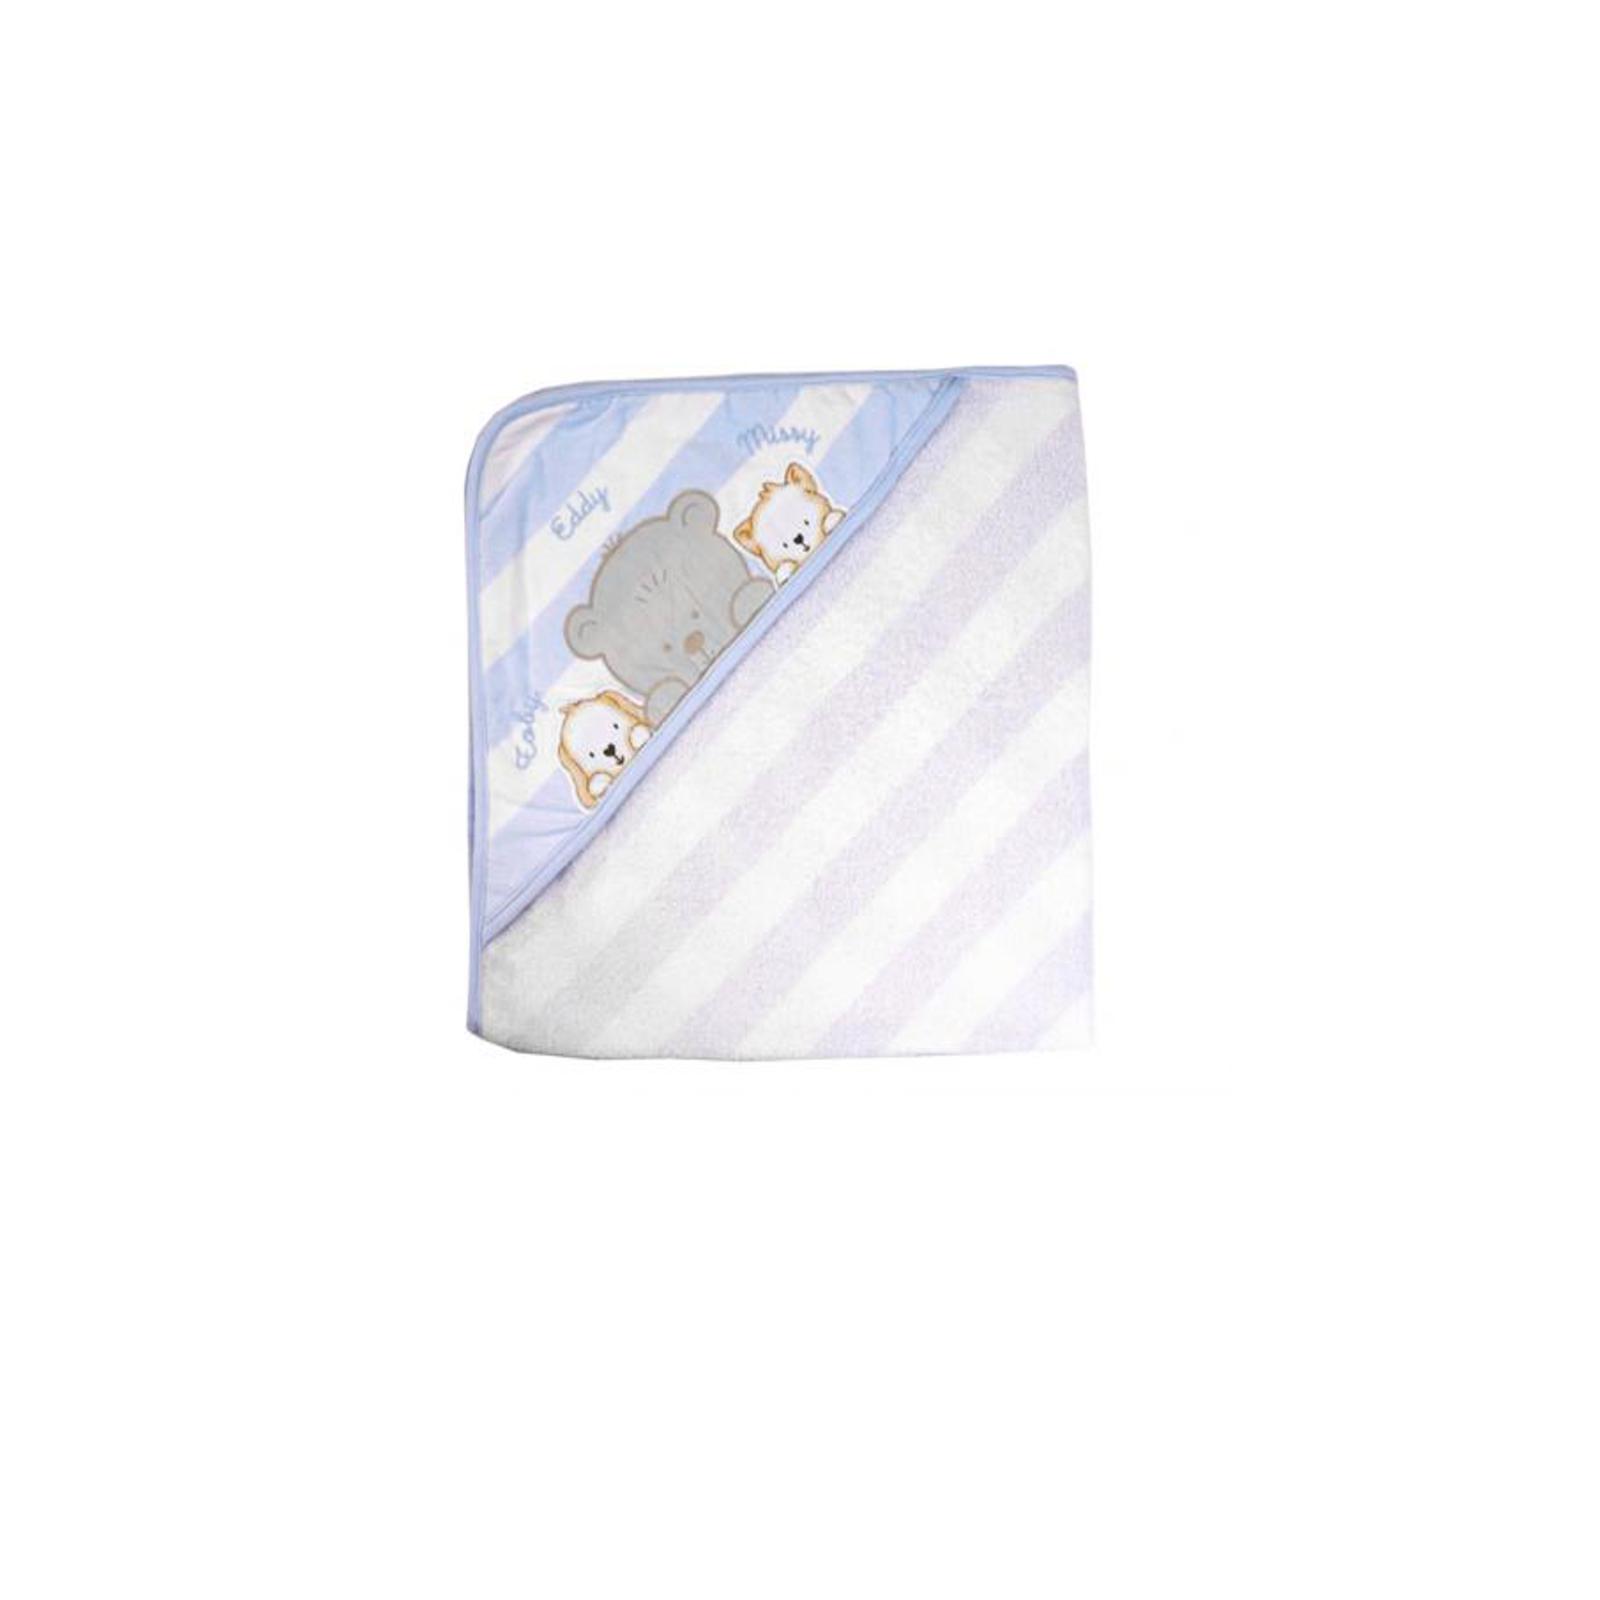 Полотенце-уголок махровый Непоседа Friends 90*90 см Голубое